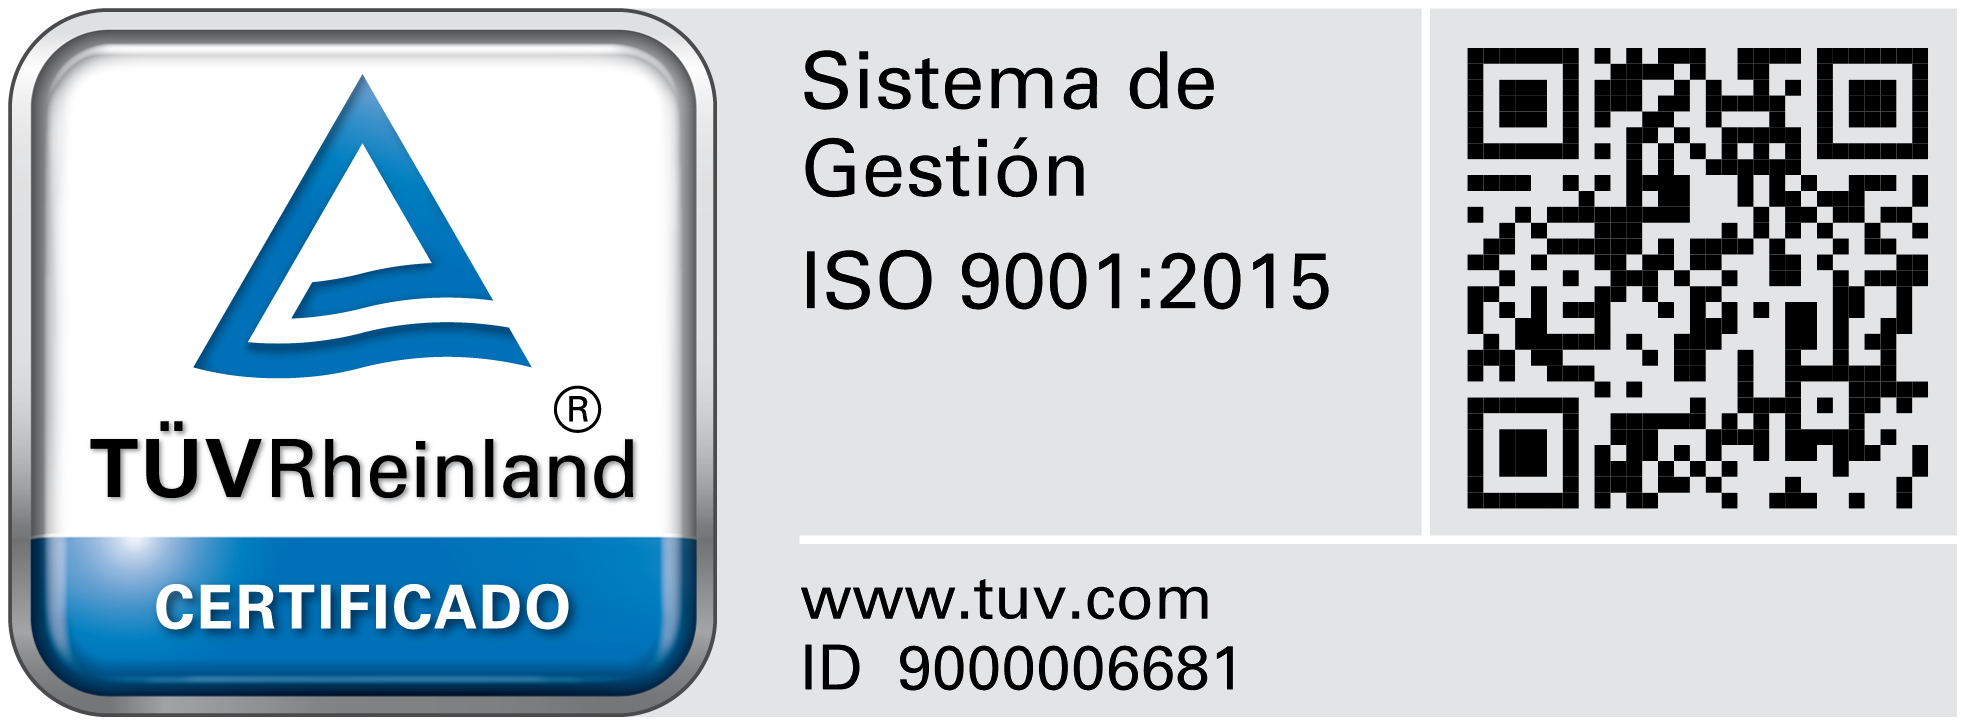 ISO 9001:2015 CERTIFICADO